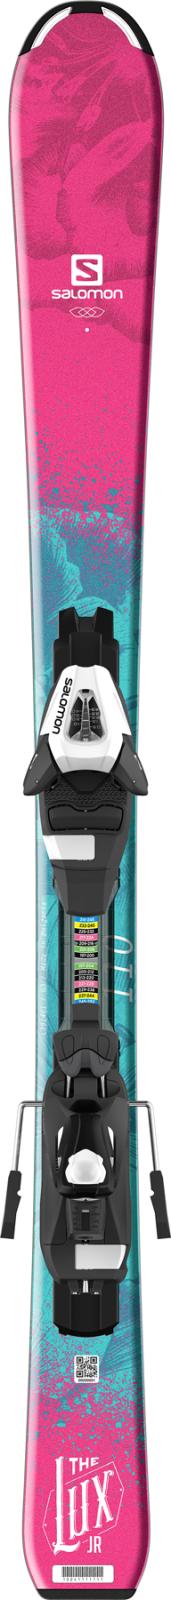 Salomon QST Lux Jr 100-120cm + C5